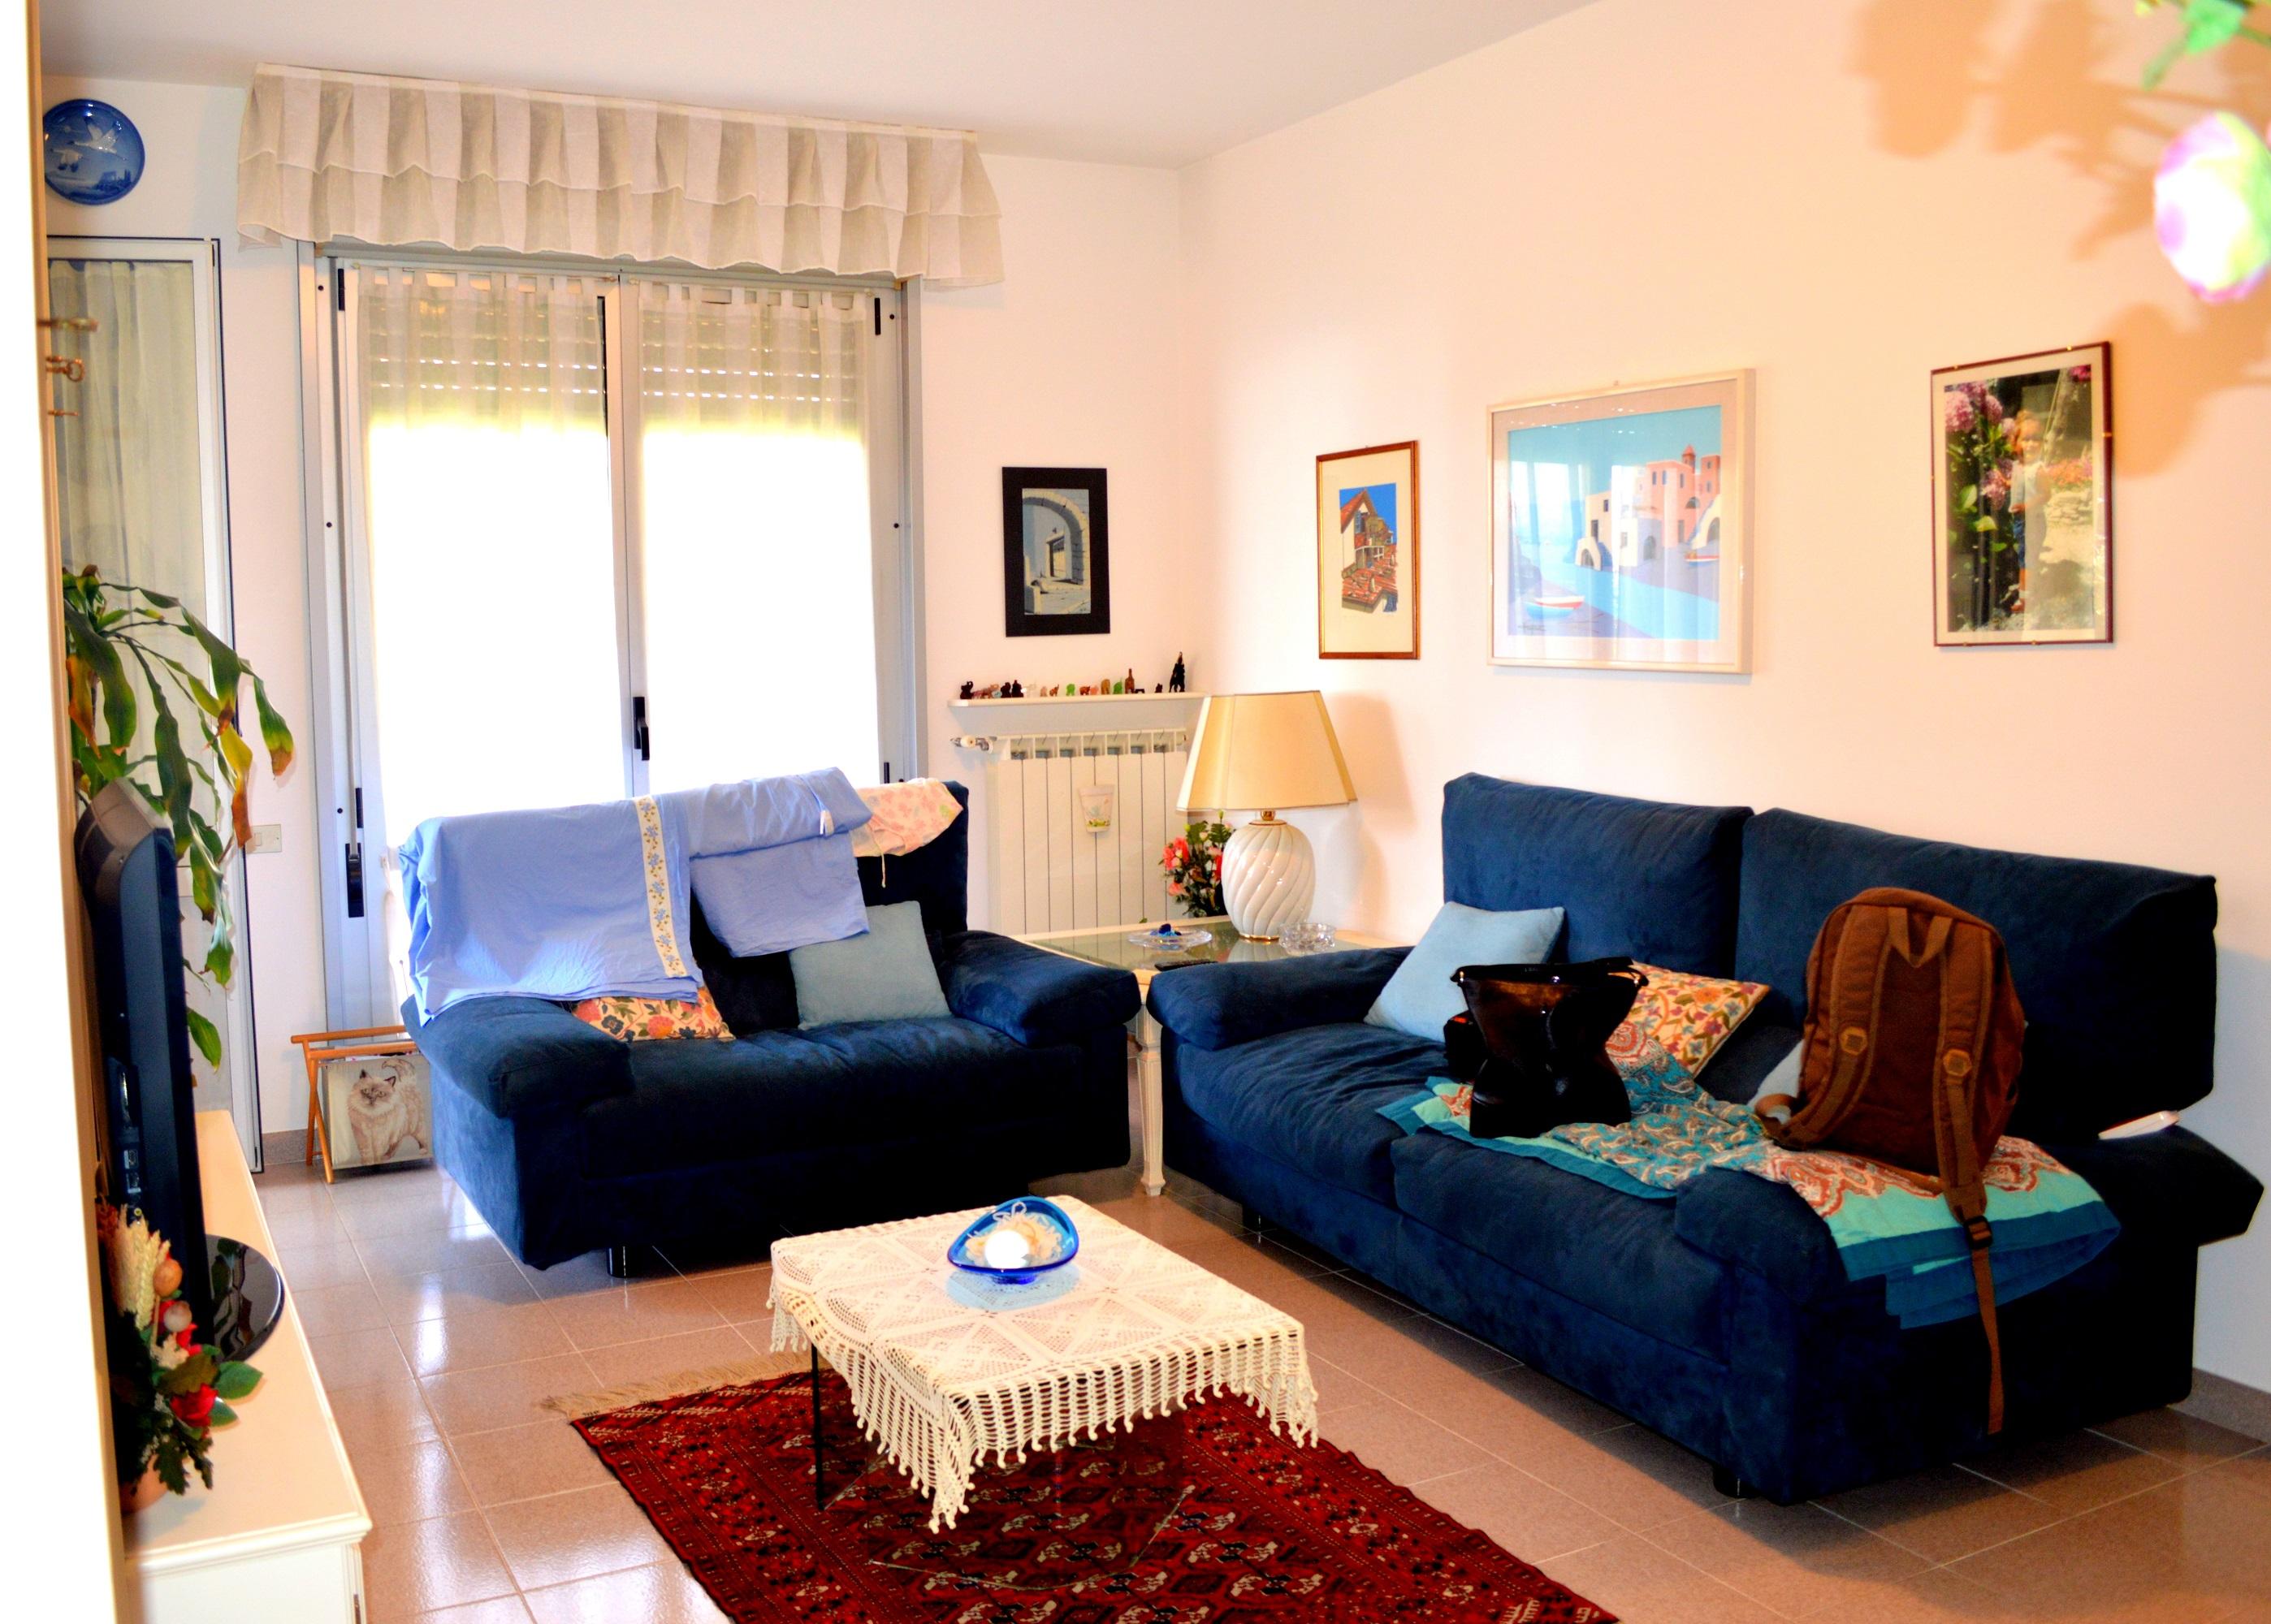 3429 U2013 Lavagna U2013 Cavi U2013 Affitto Seconda Casa U2013 Appartamento Di 70 Mq  Arredato